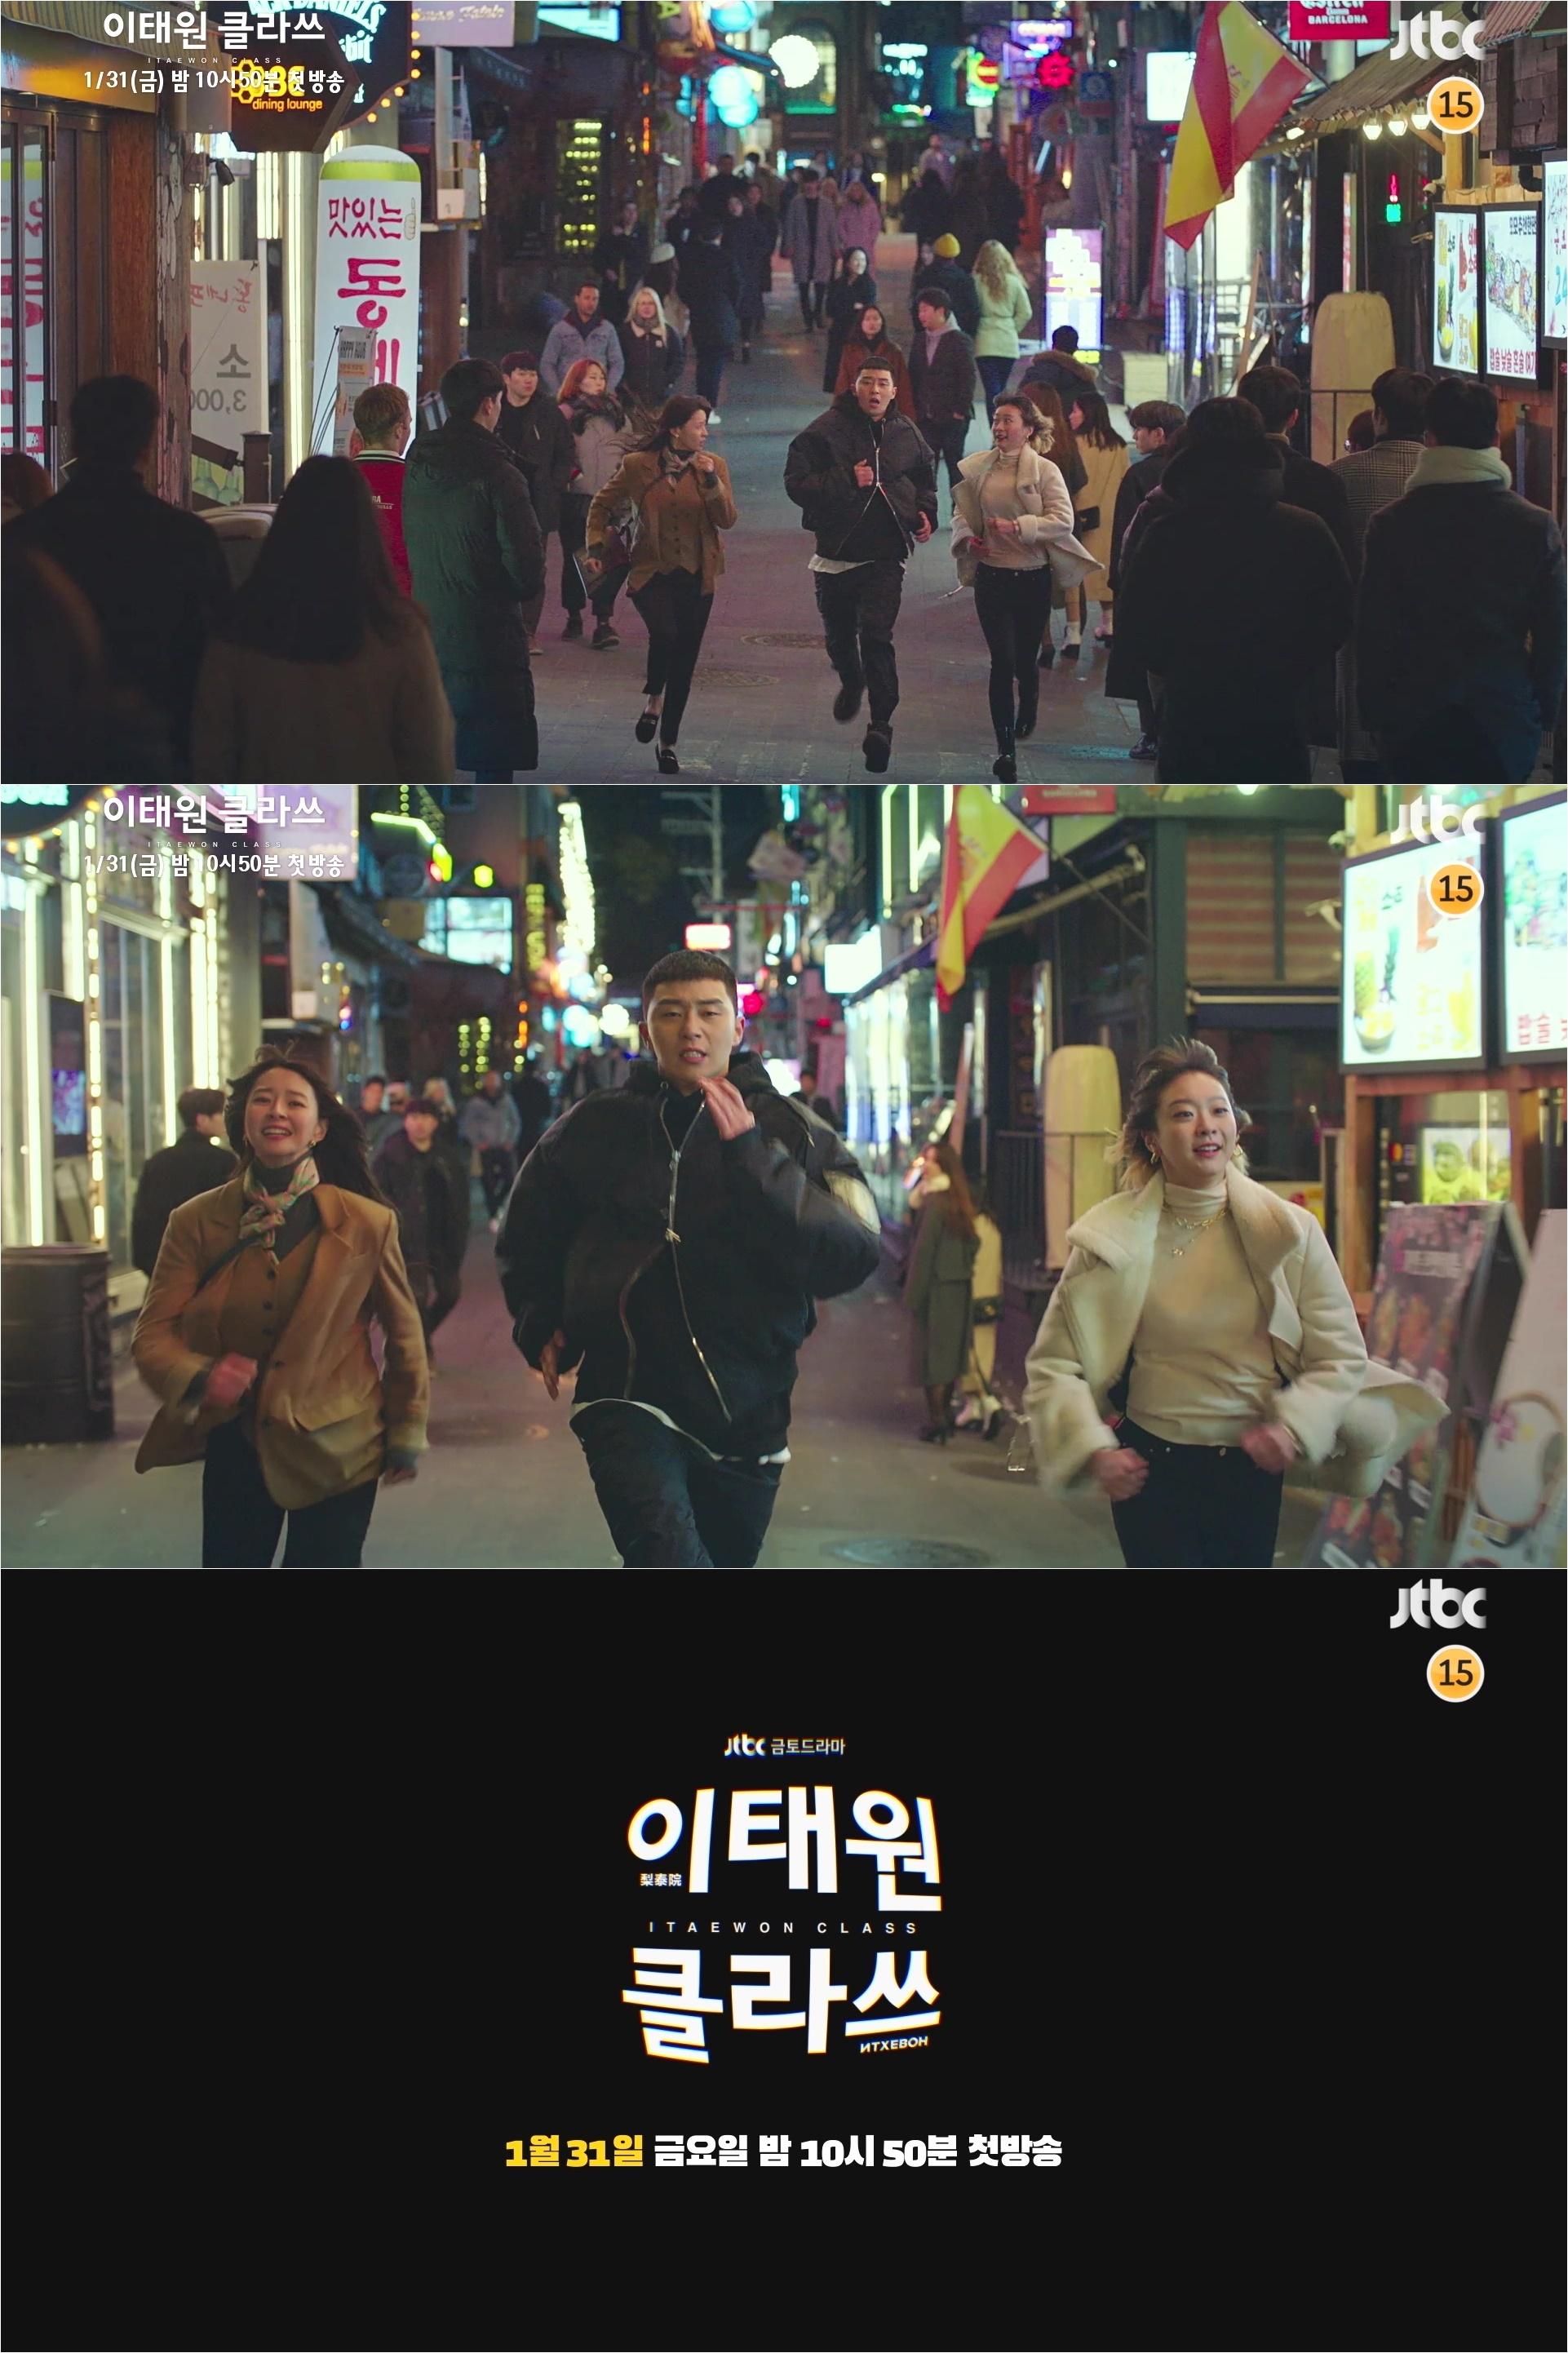 '이태원 클라쓰' 측 박서준·김다미·권나라 1차 티저 공개